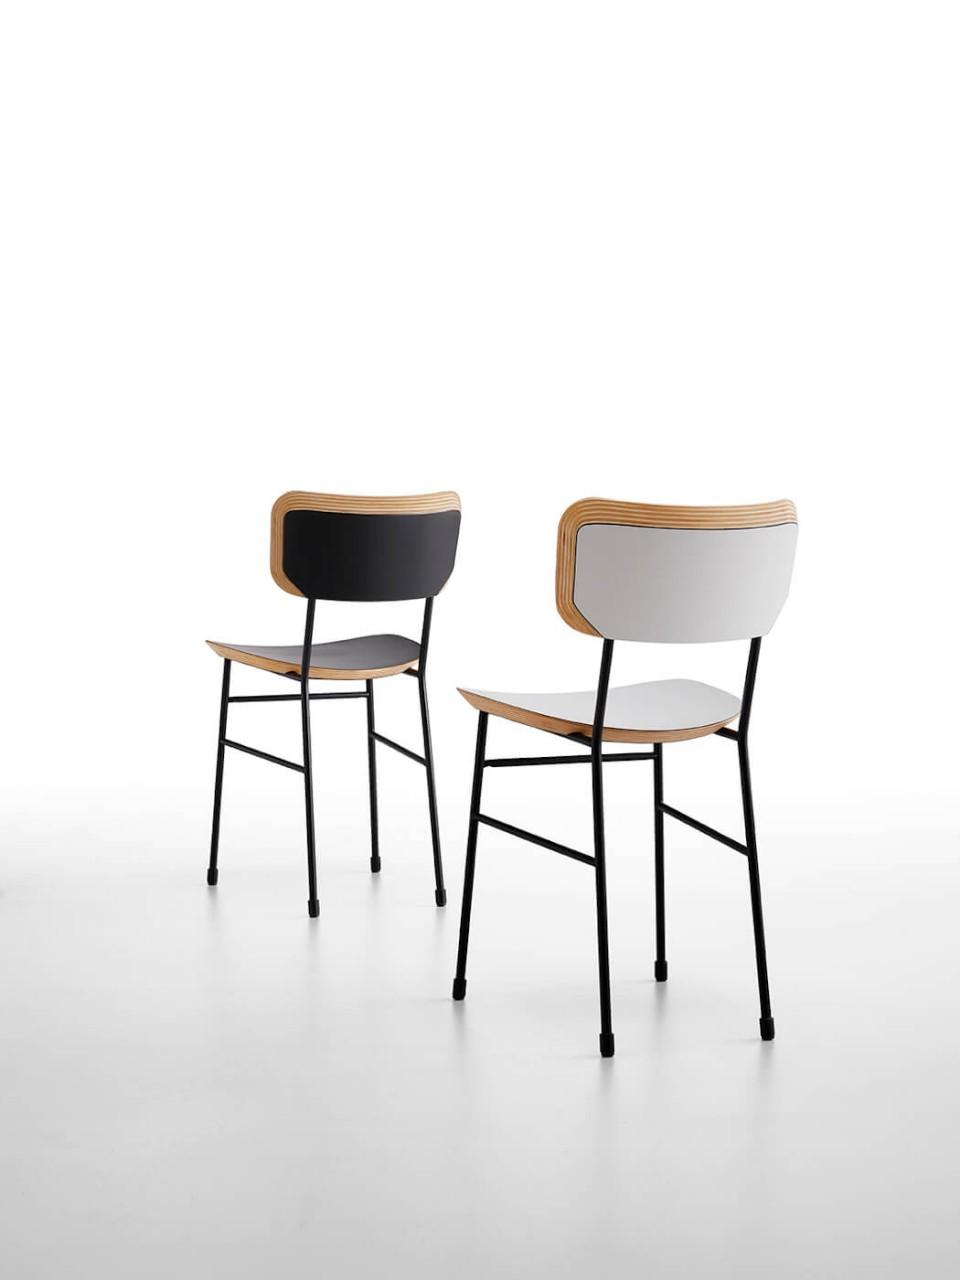 Master chair avec assise en bois noir et blanc et structure en métal